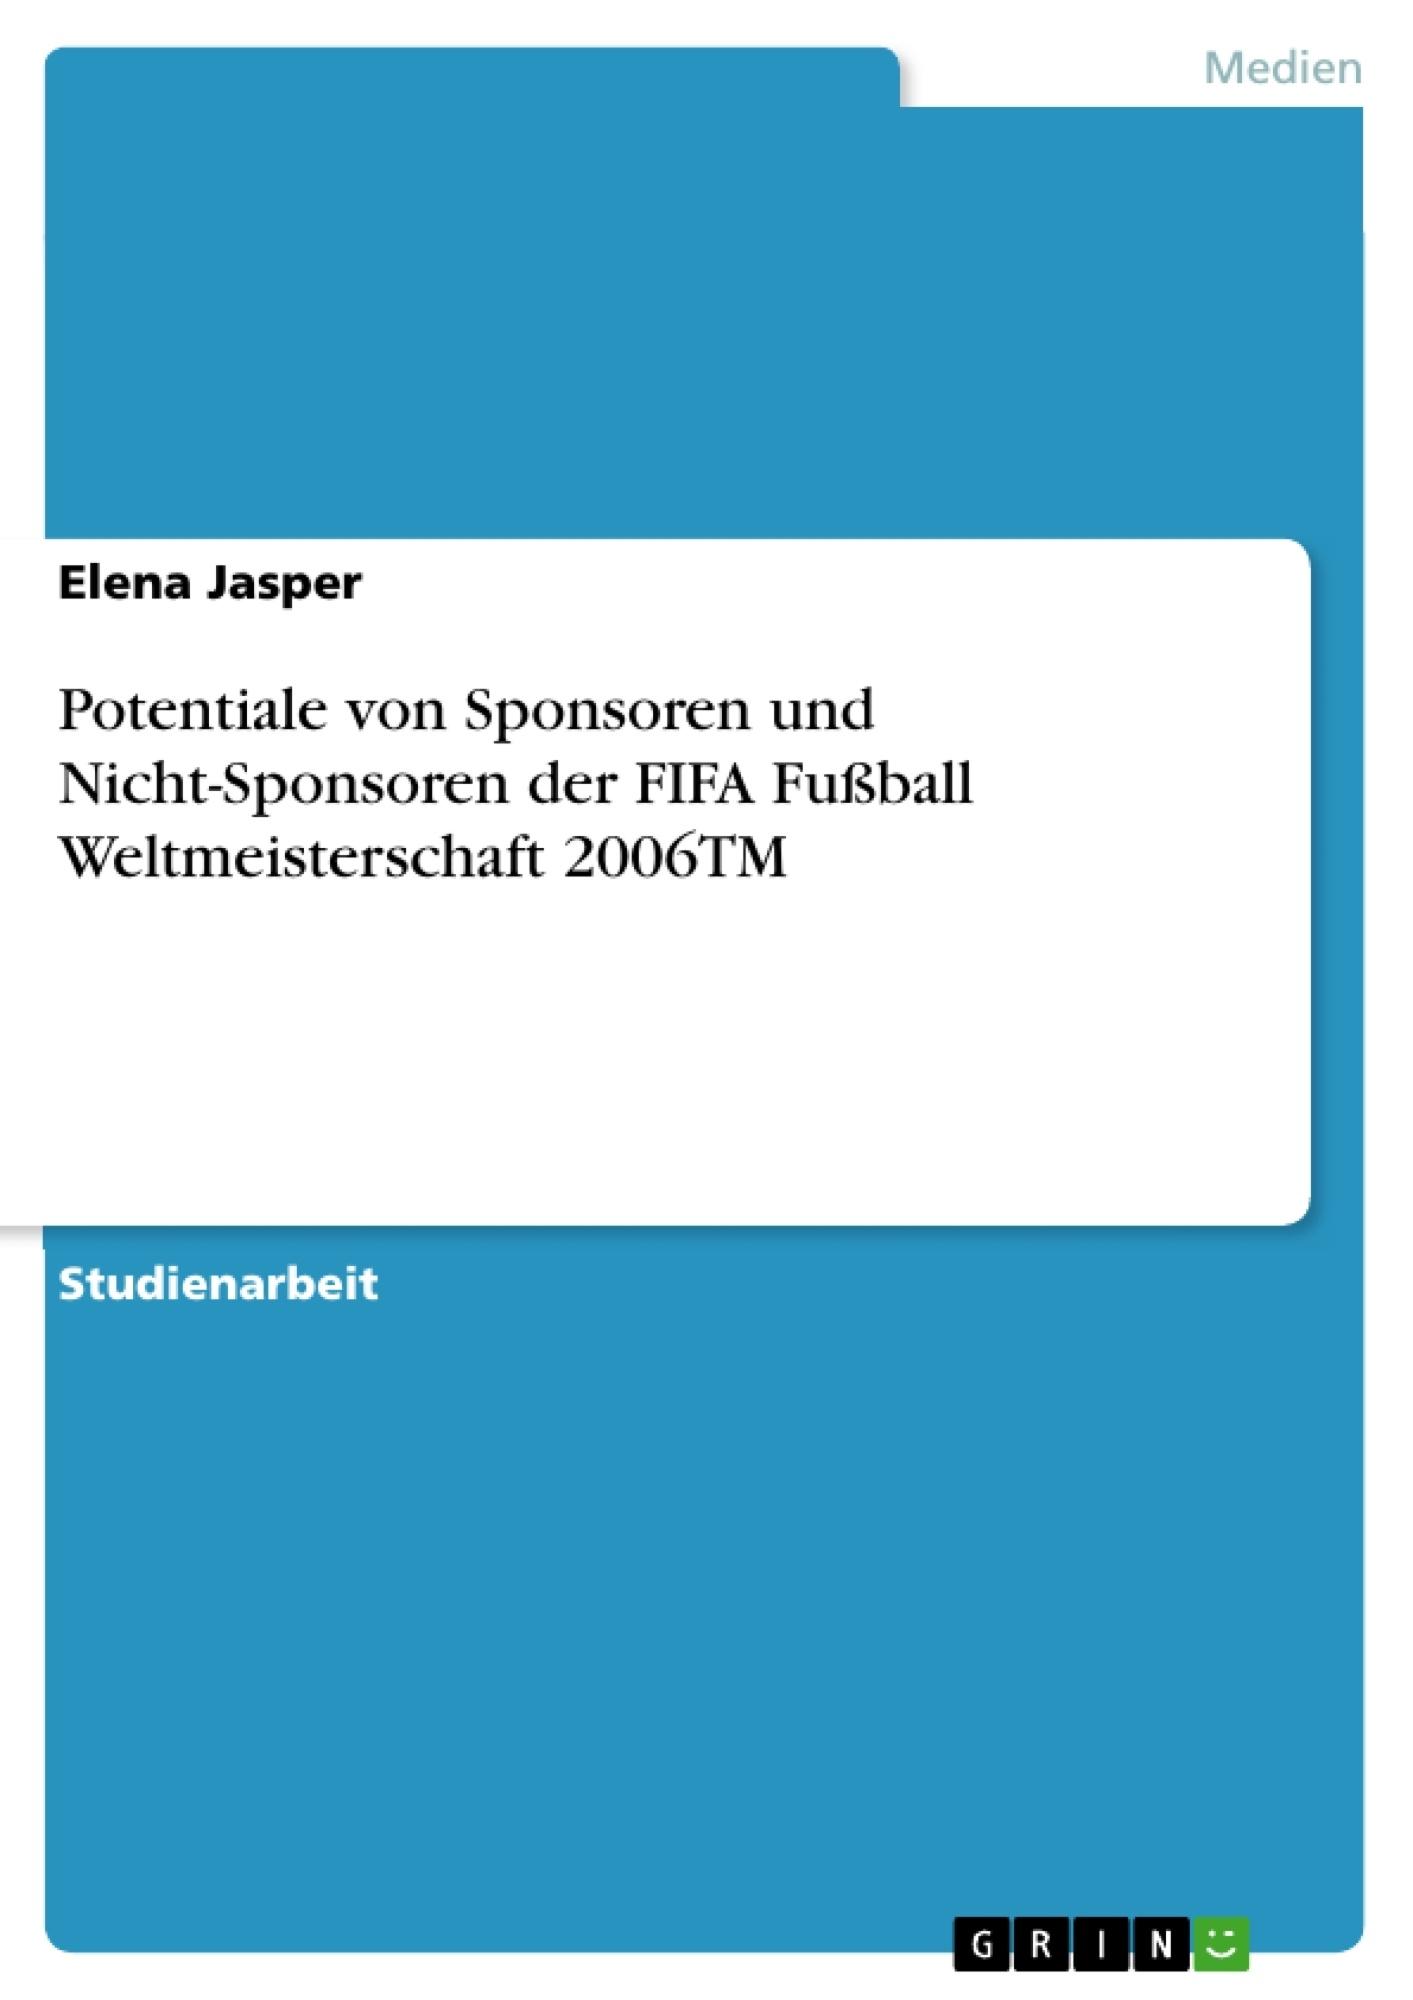 Titel: Potentiale von Sponsoren und Nicht-Sponsoren der FIFA Fußball Weltmeisterschaft 2006TM